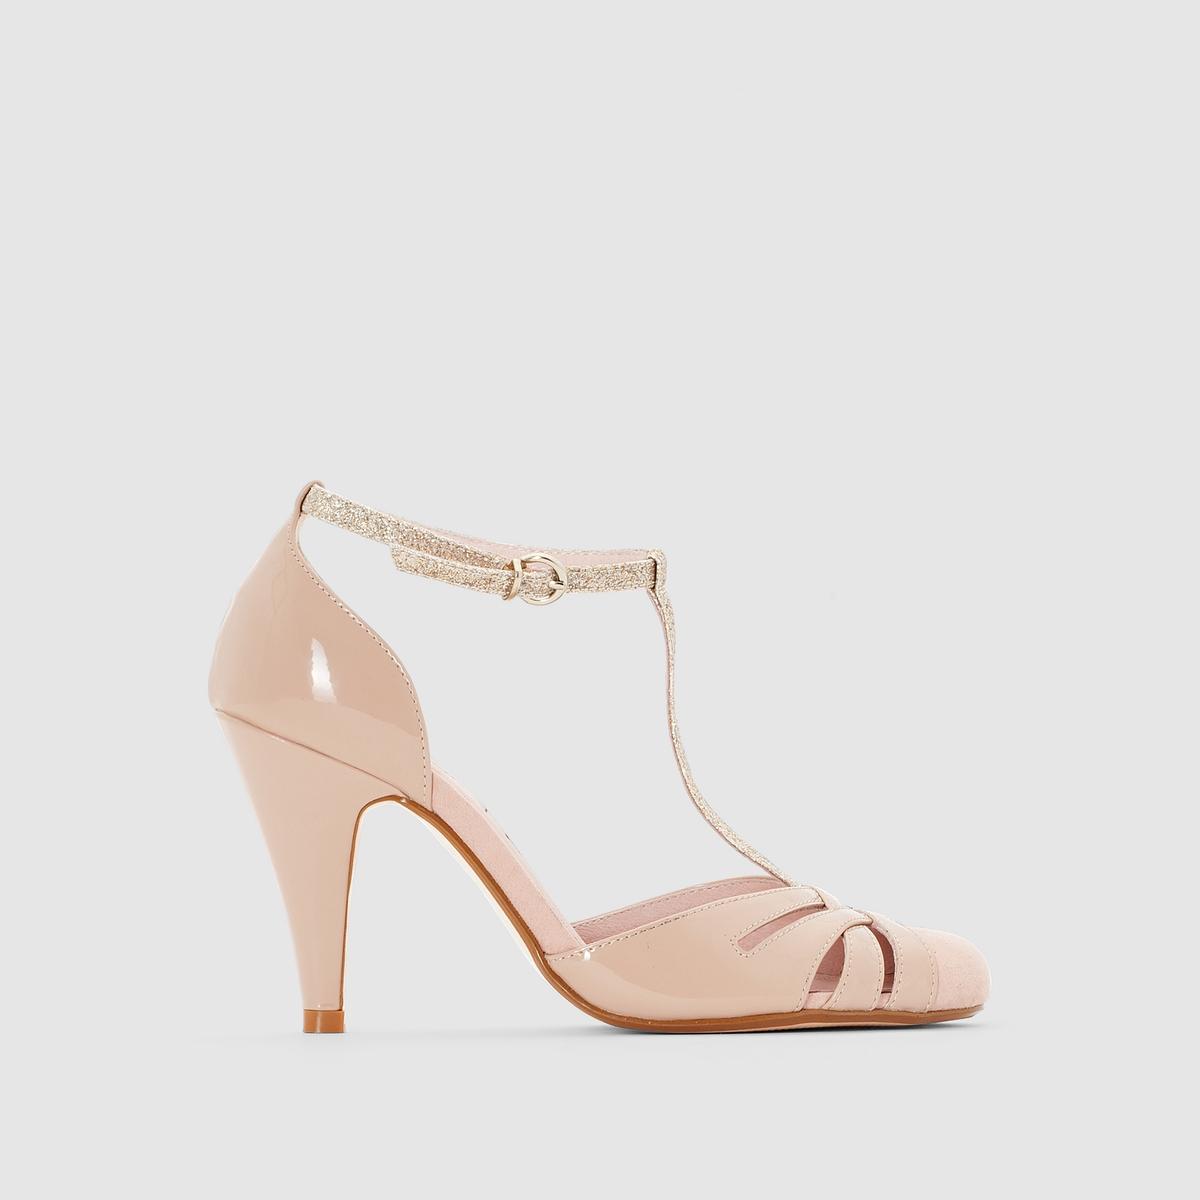 Туфлина каблуке с ремешкомМарка : Mademoiselle R Верх : синтетикаПодкладка : кожаСтелька : кожаПодошва : из эластомера Высота каблука : 9 смЗастежка : ремешок с пряжкойПреимущества : открытый носок, высокий и тонкий каблук.<br><br>Цвет: телесный<br>Размер: 40